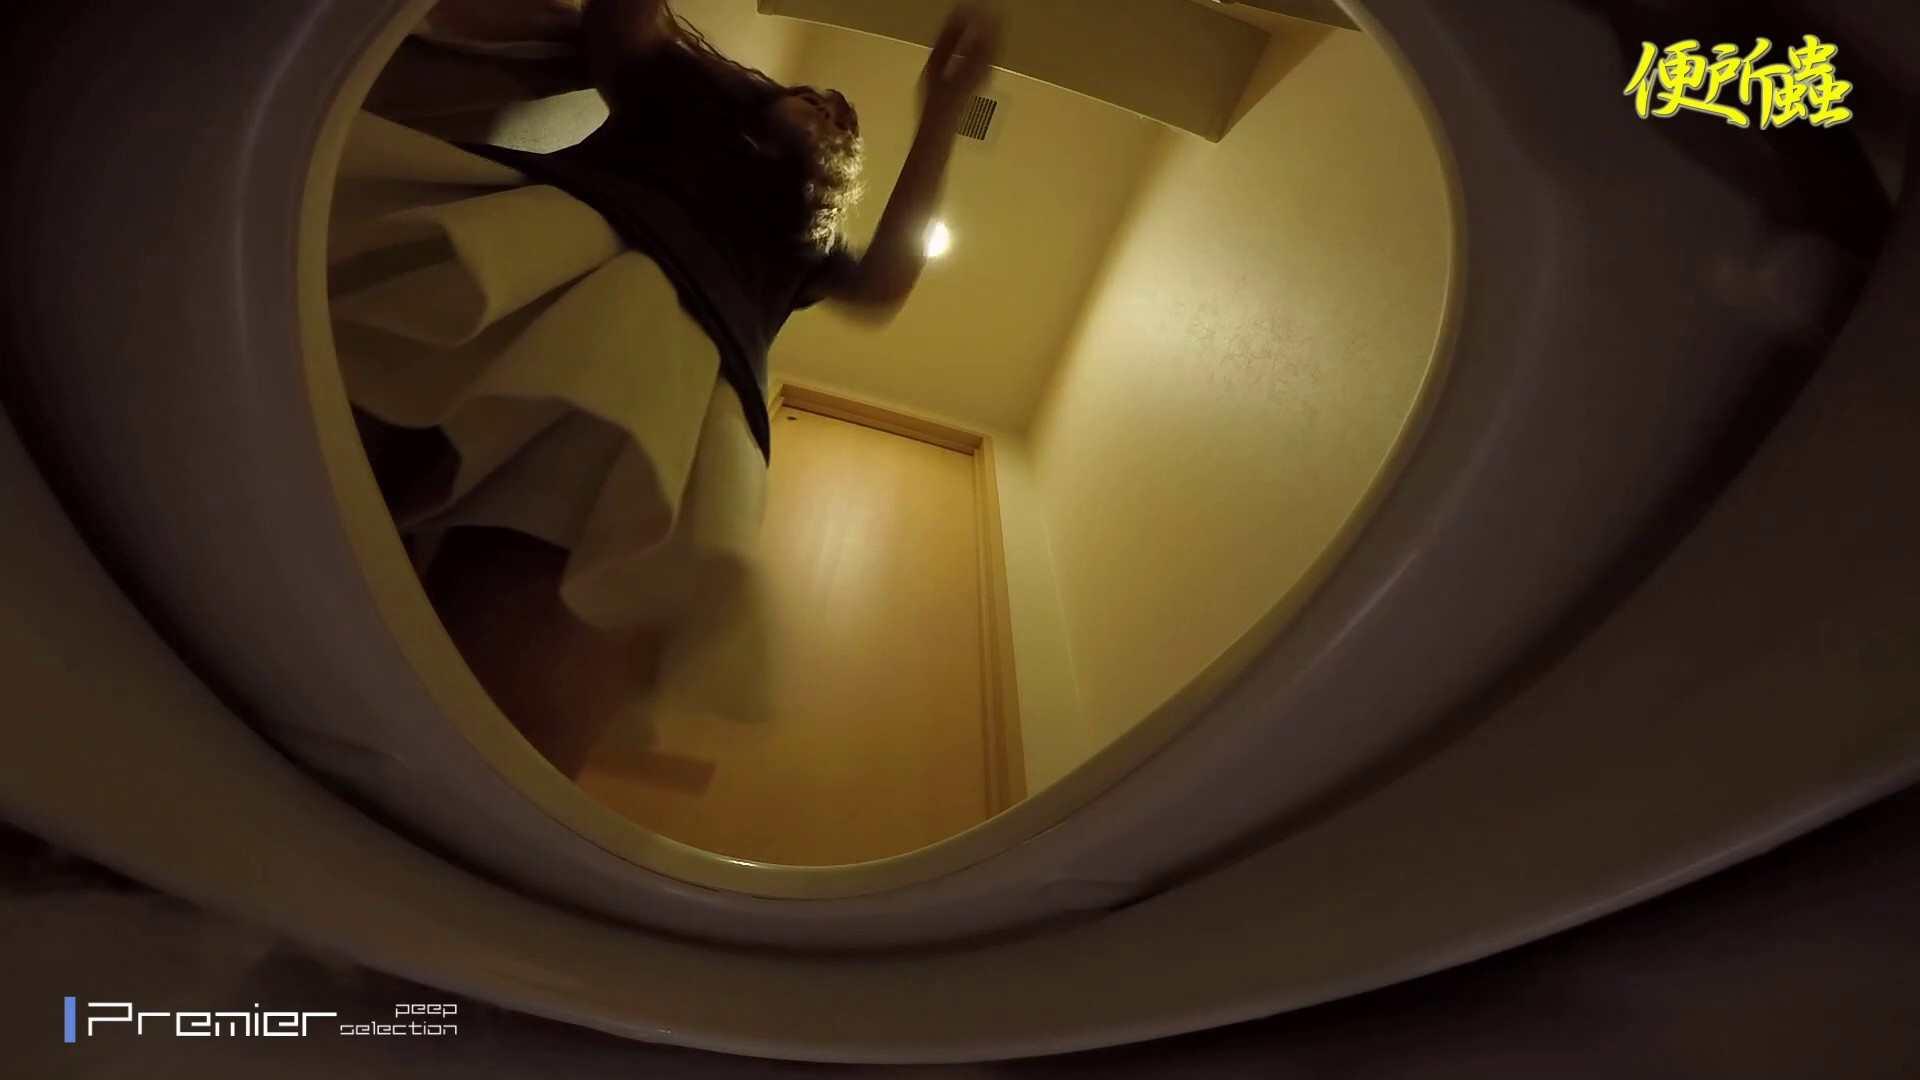 洗面所のBEN所蟲さんリターン vol.27 高評価 濡れ場動画紹介 94画像 39